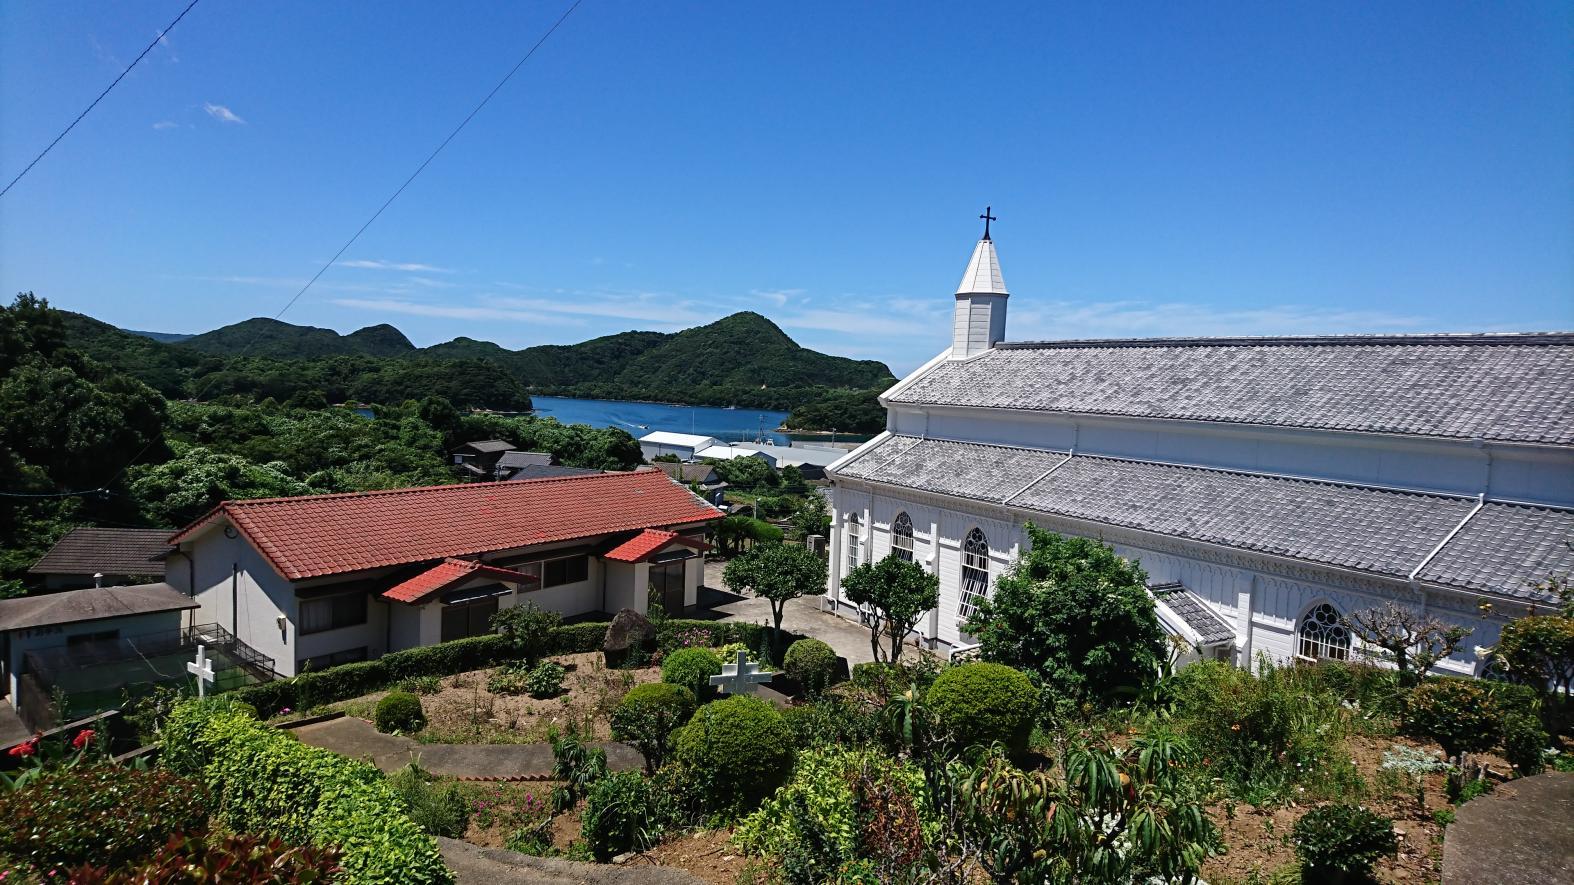 五岛列岛:轻松享受专属的自行车之旅-1